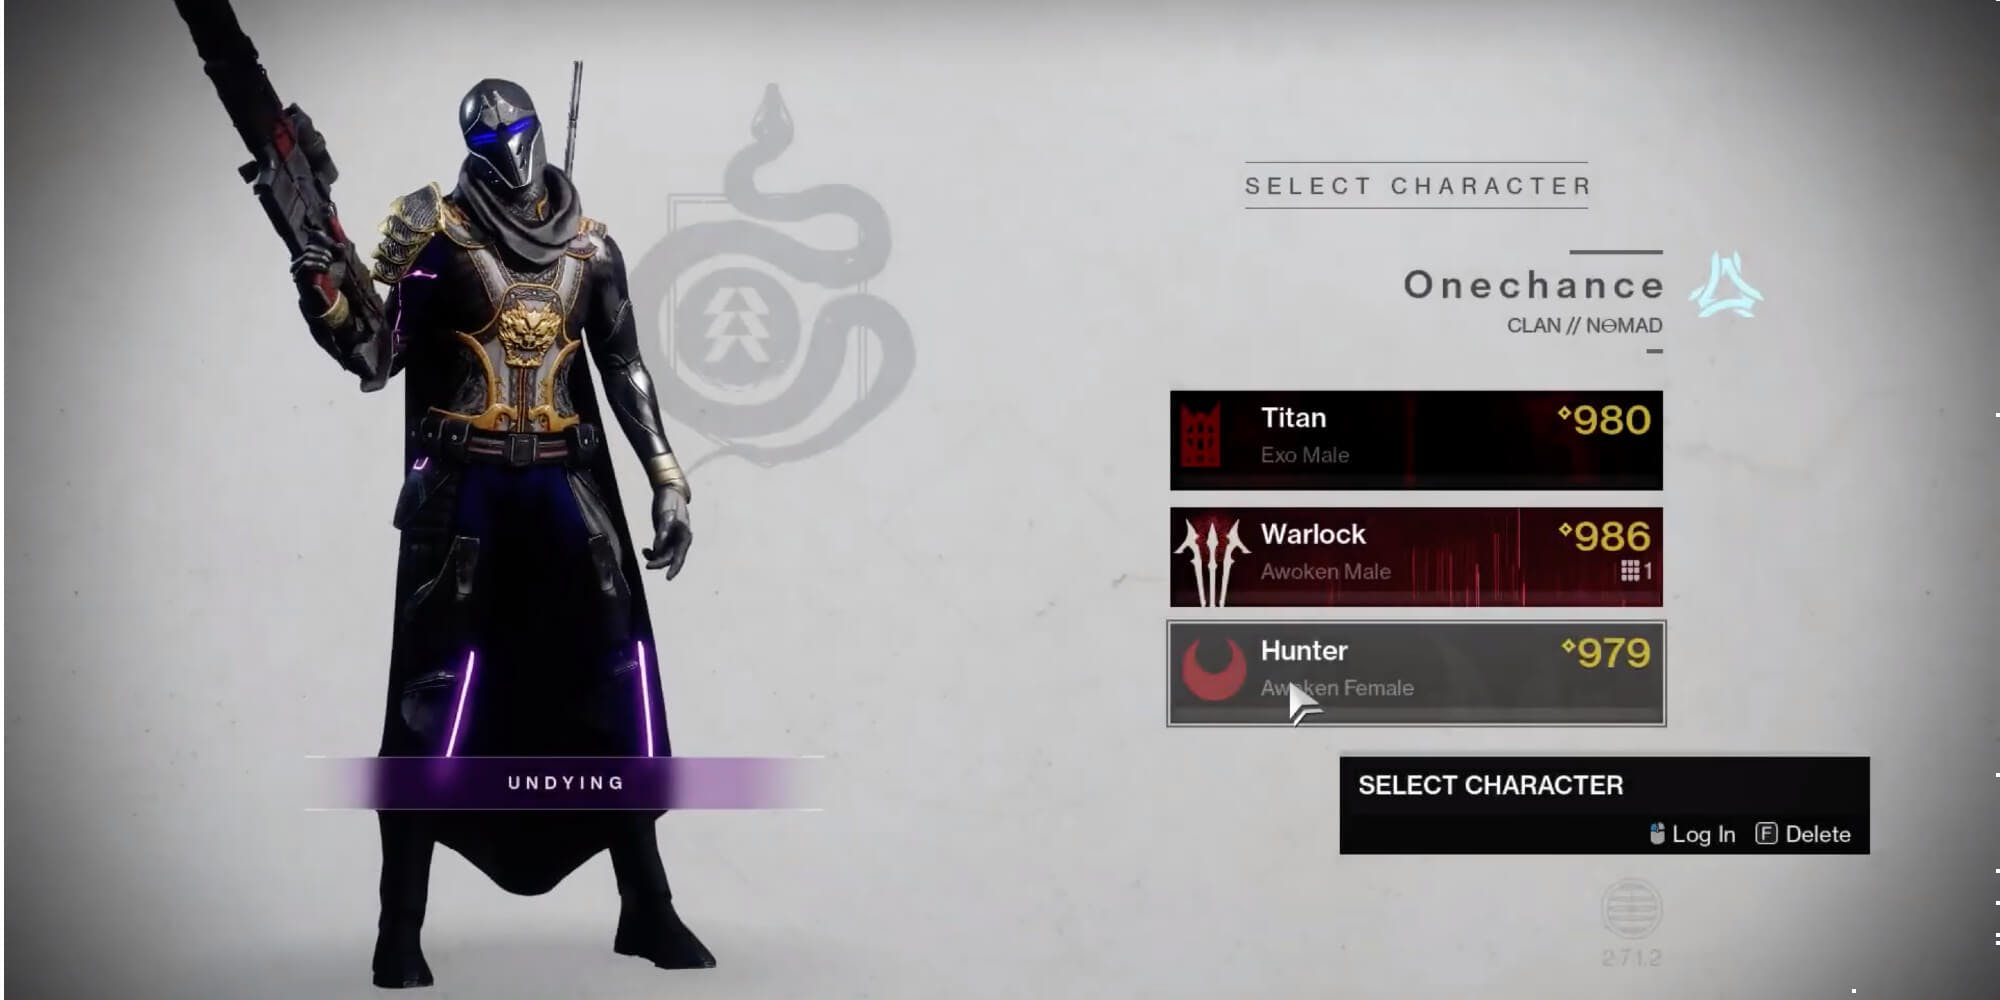 Destiny 2 classes - Hunter